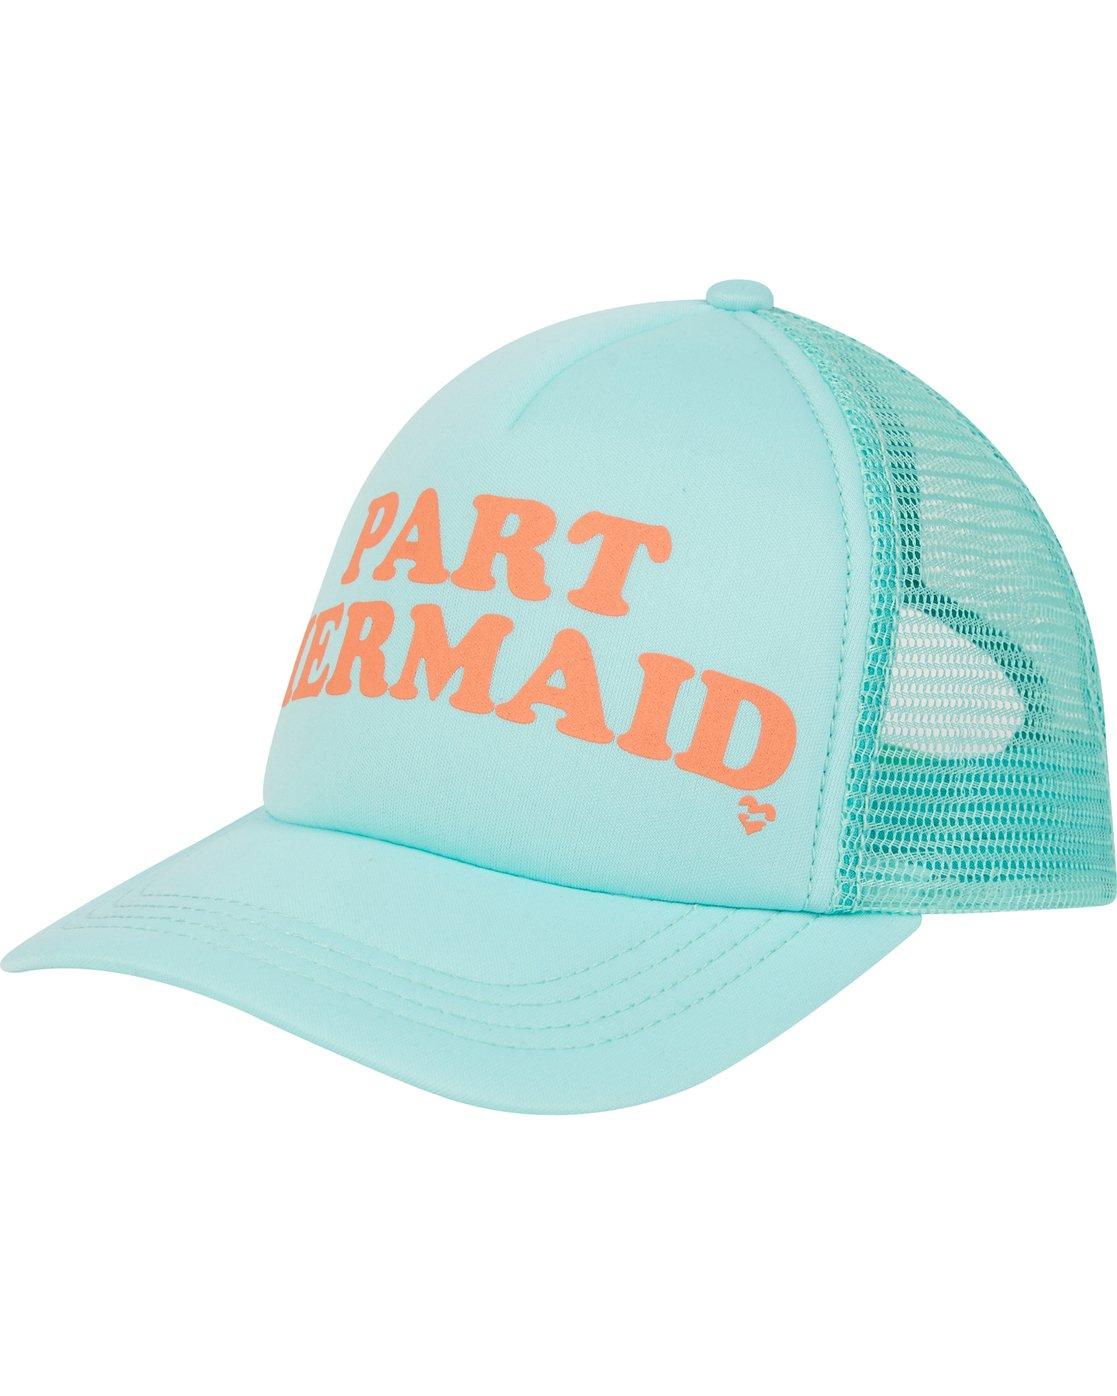 cce420d2ac2 Girls' Ohana Trucker Hat GAHWPBOH | Billabong